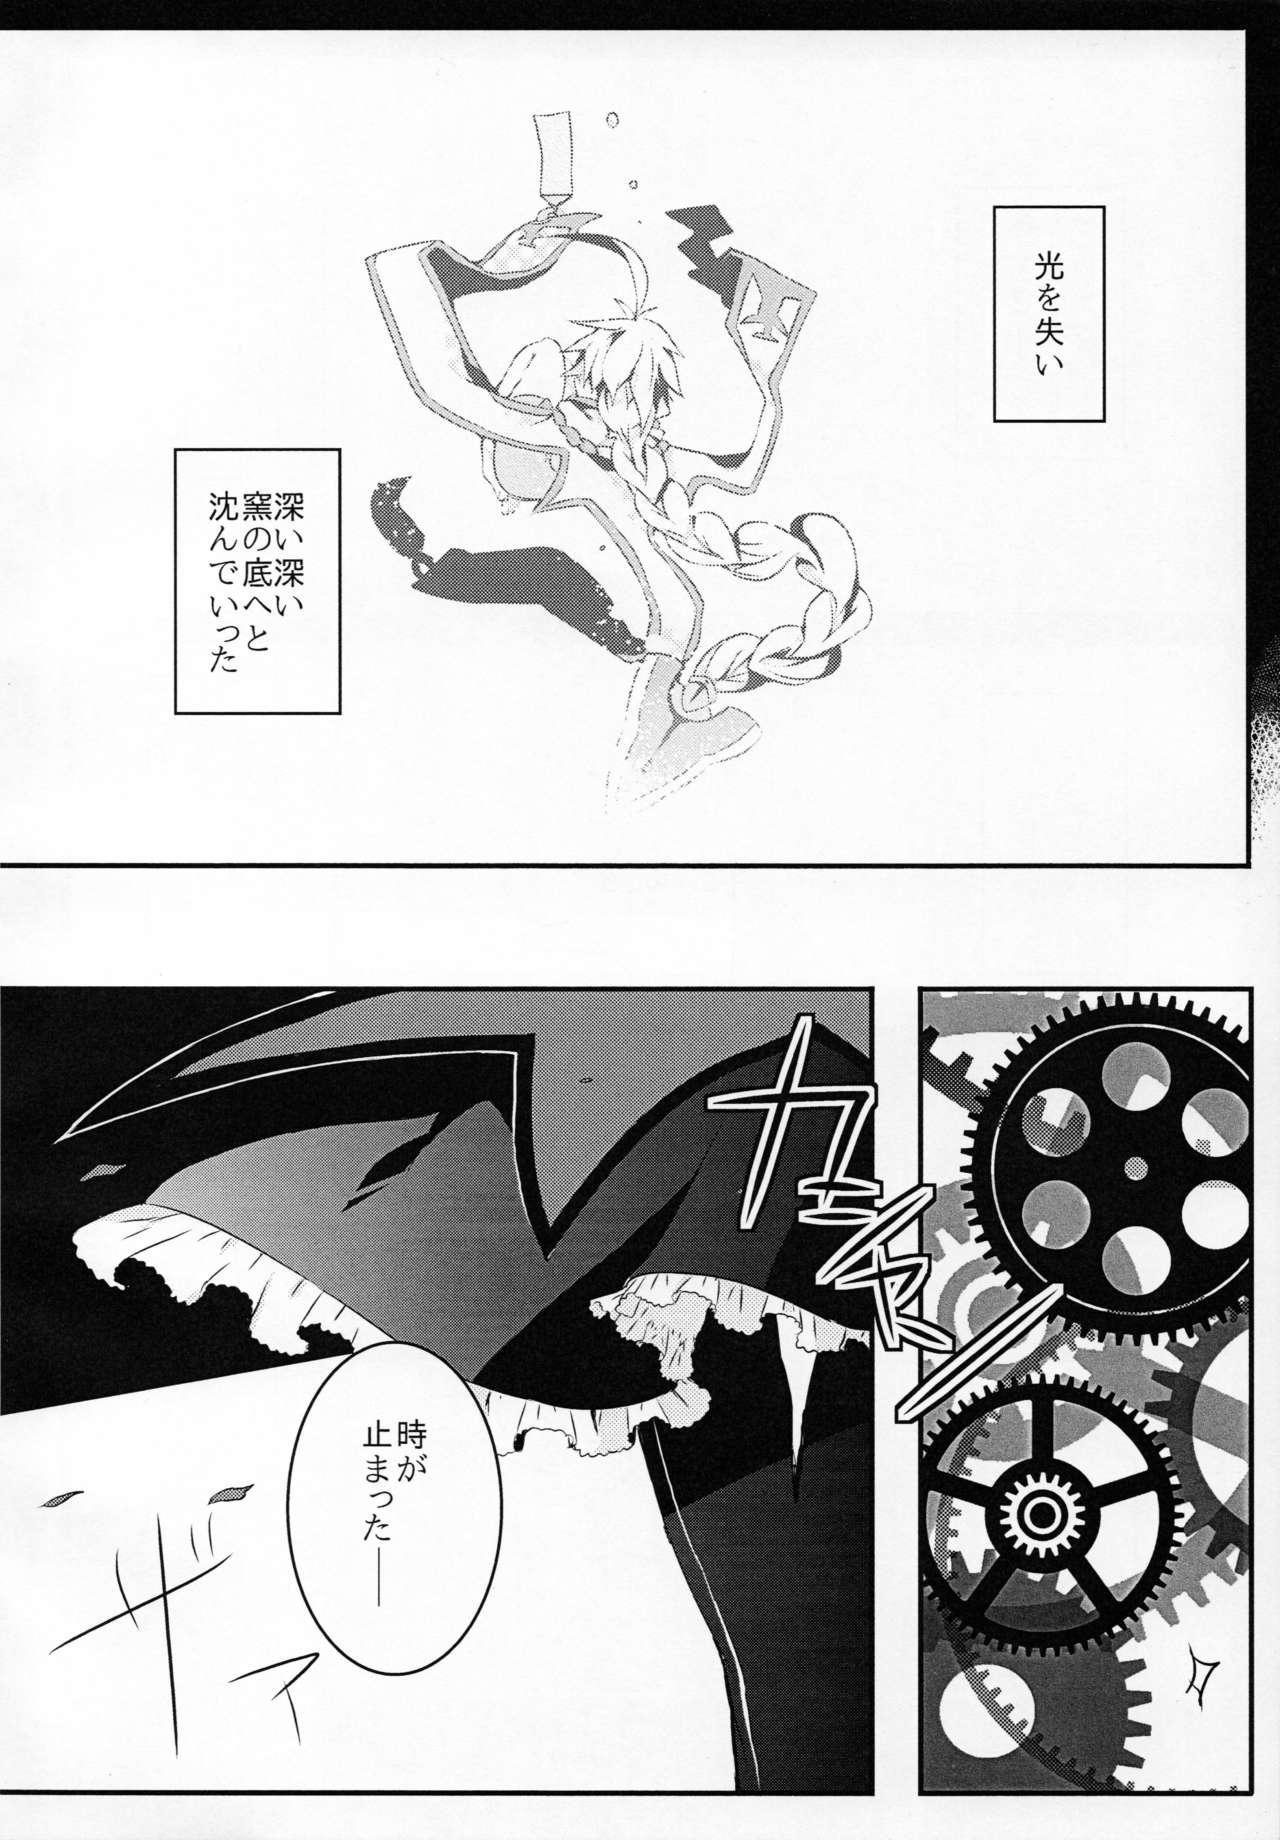 Ningyou no Miru Yume wa 4